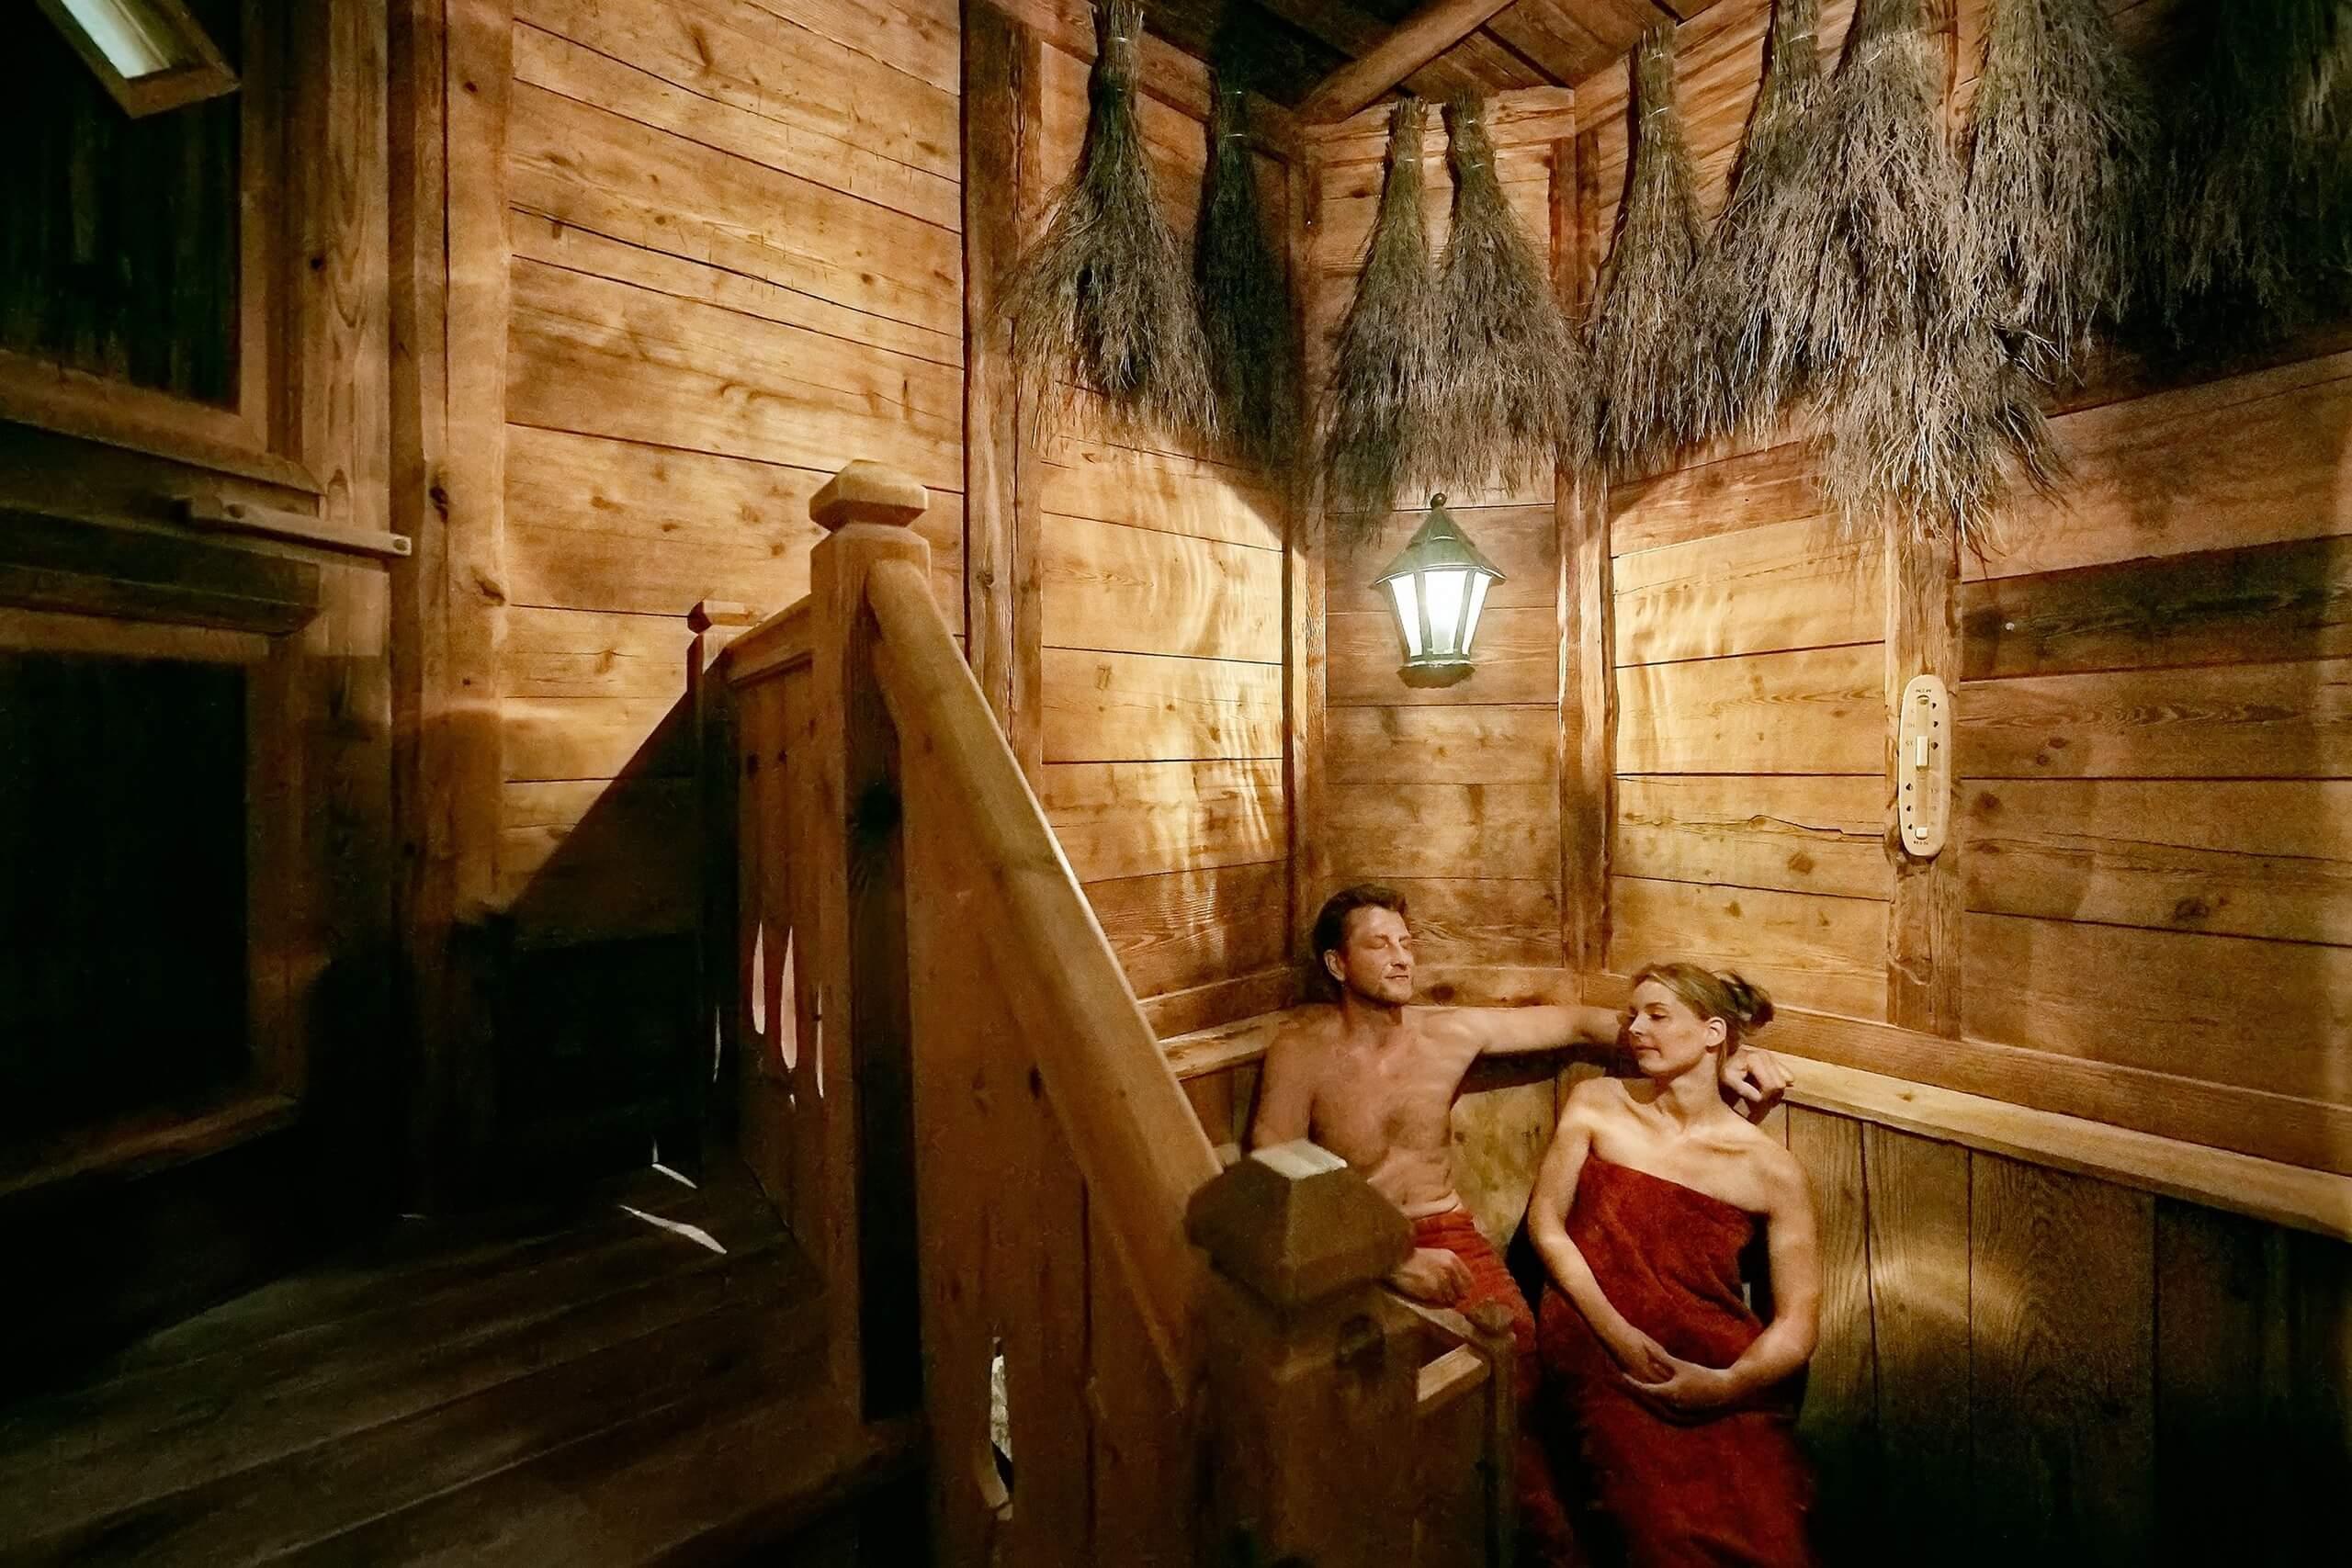 inbalance-hotel-seepark-spa-bereich-entspannen